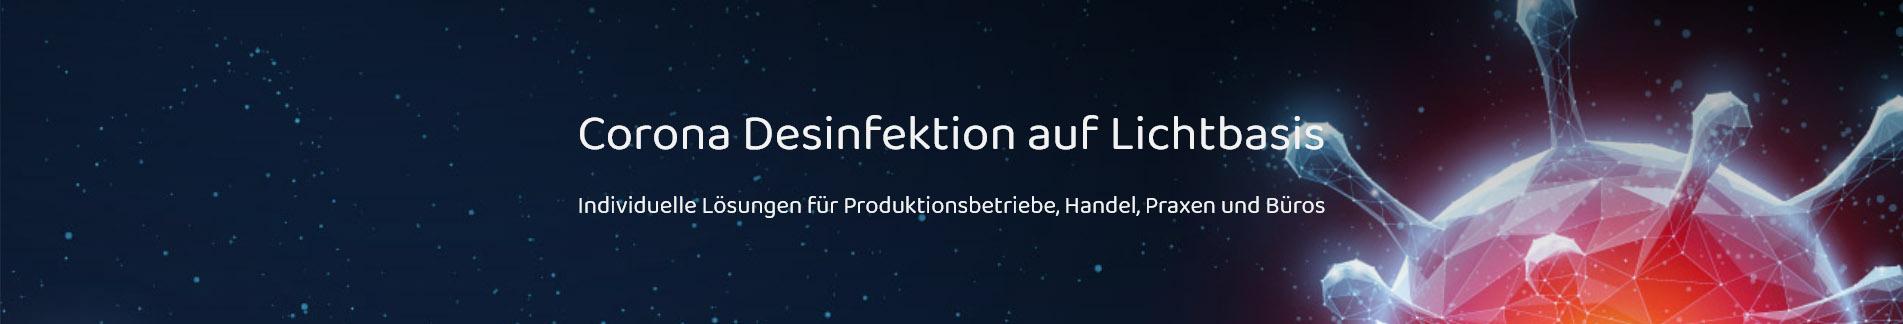 www.Licht-Desinfektion.ch / Desinfektionsgeräte mit Licht für Räume